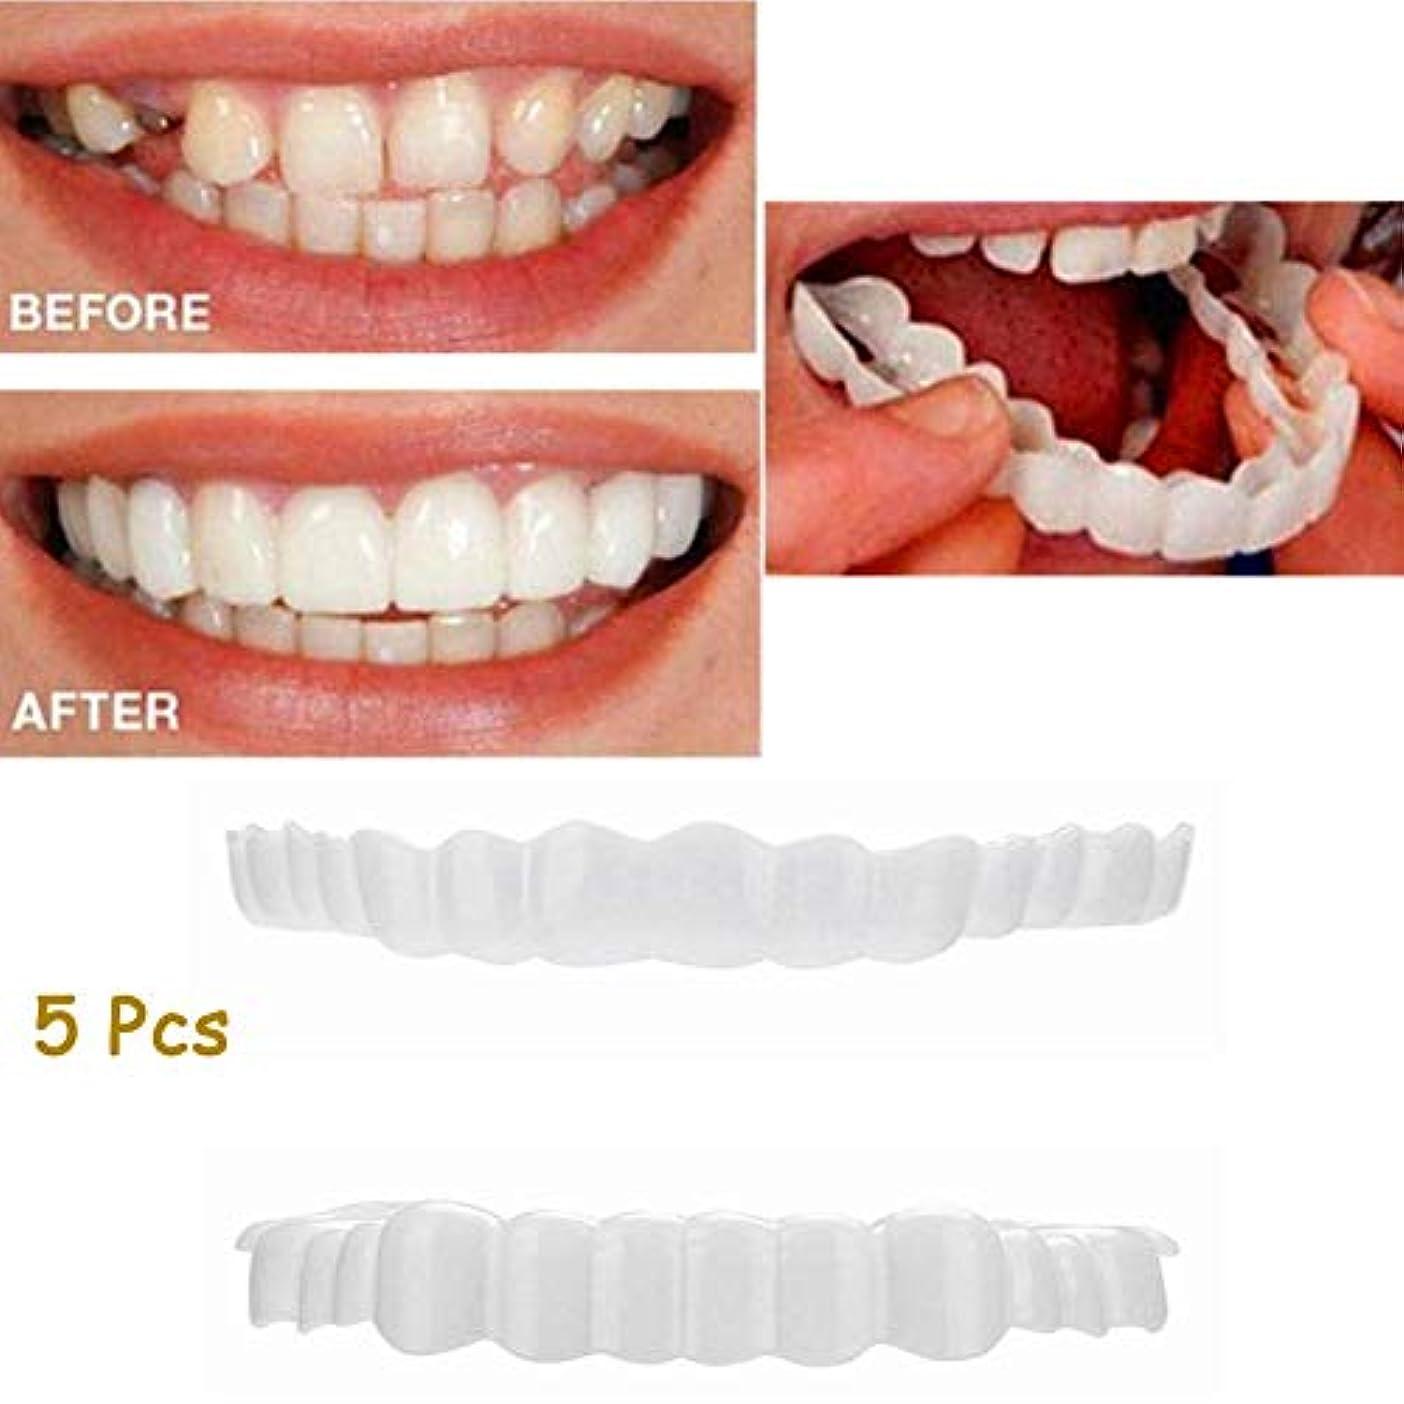 ハードウェアデコードする発揮する5本の上歯+下歯セット偽の歯を白くする完璧な化粧品の歯